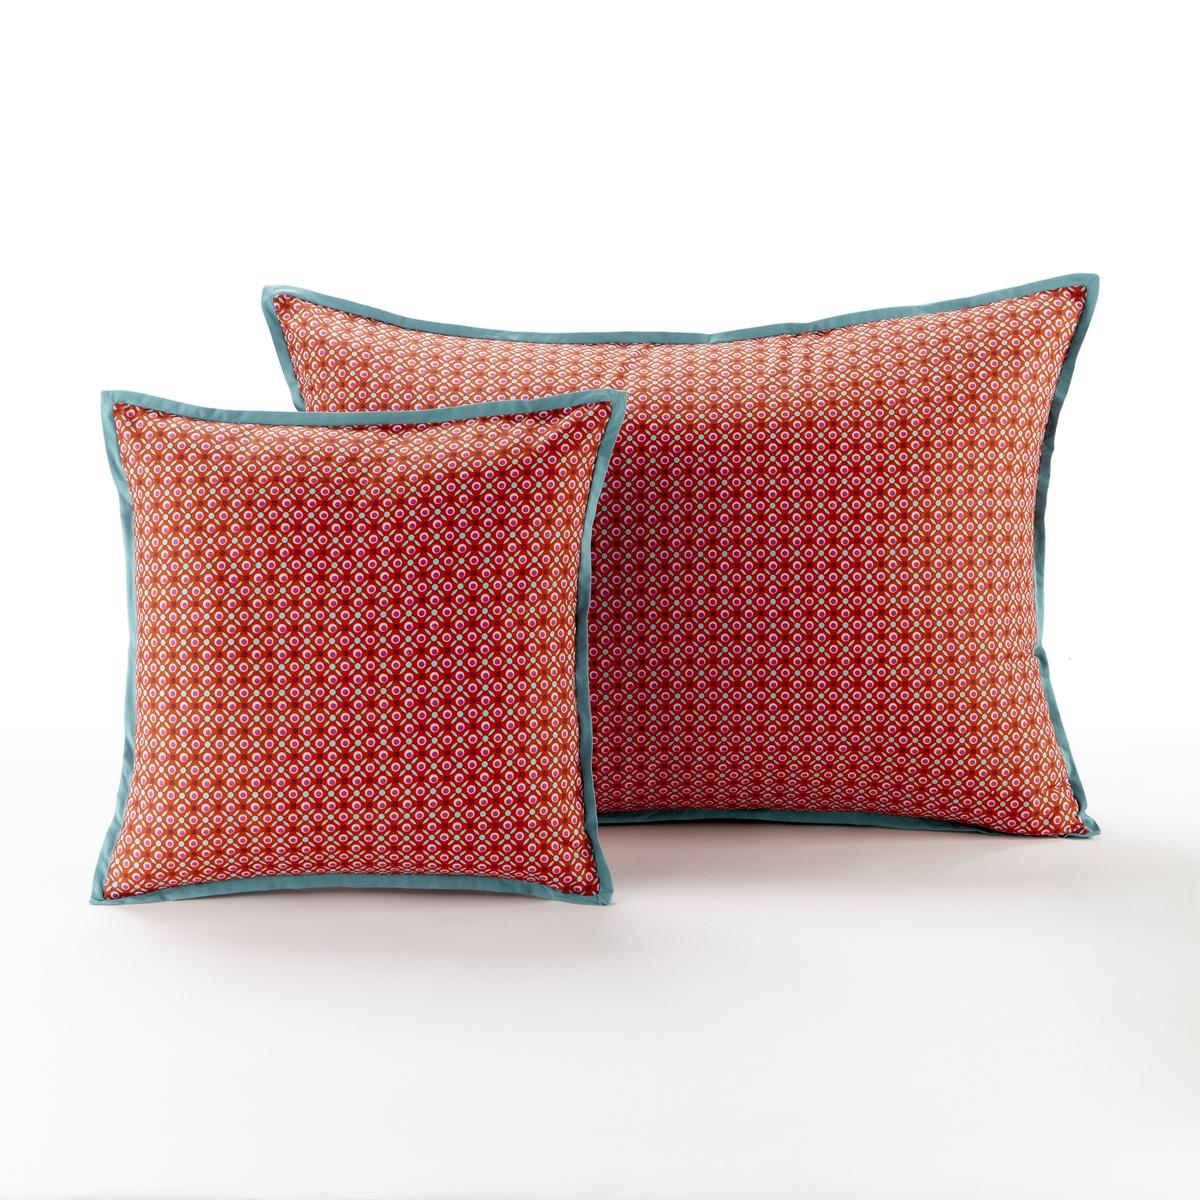 Наволочка на подушку-валик или подушку, NILAR наволочка на подушку валик fougeras